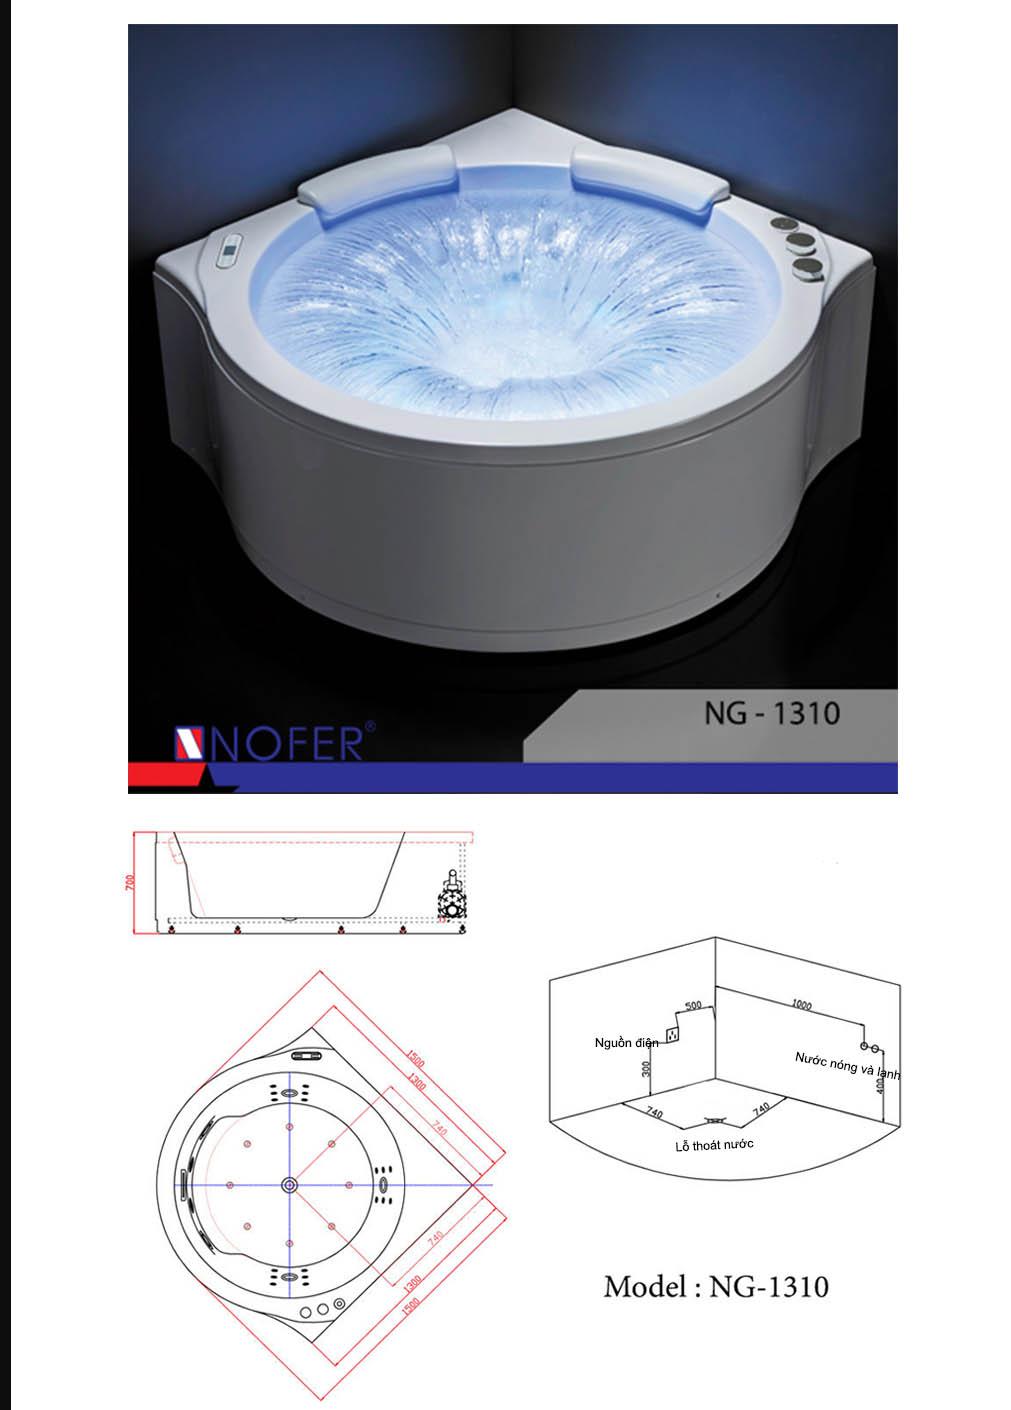 Bảng vẽ kỹ thuật NG-1310